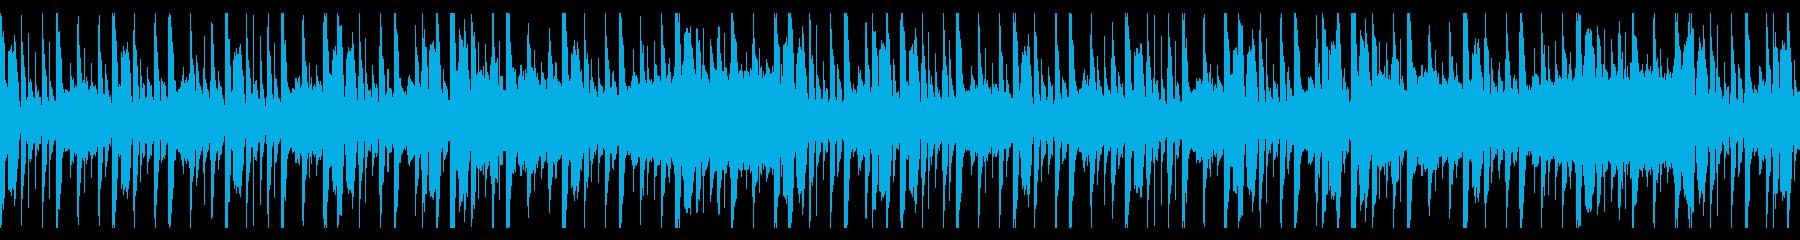 【ループ音源】妖艶・妖しい・創世・開拓の再生済みの波形